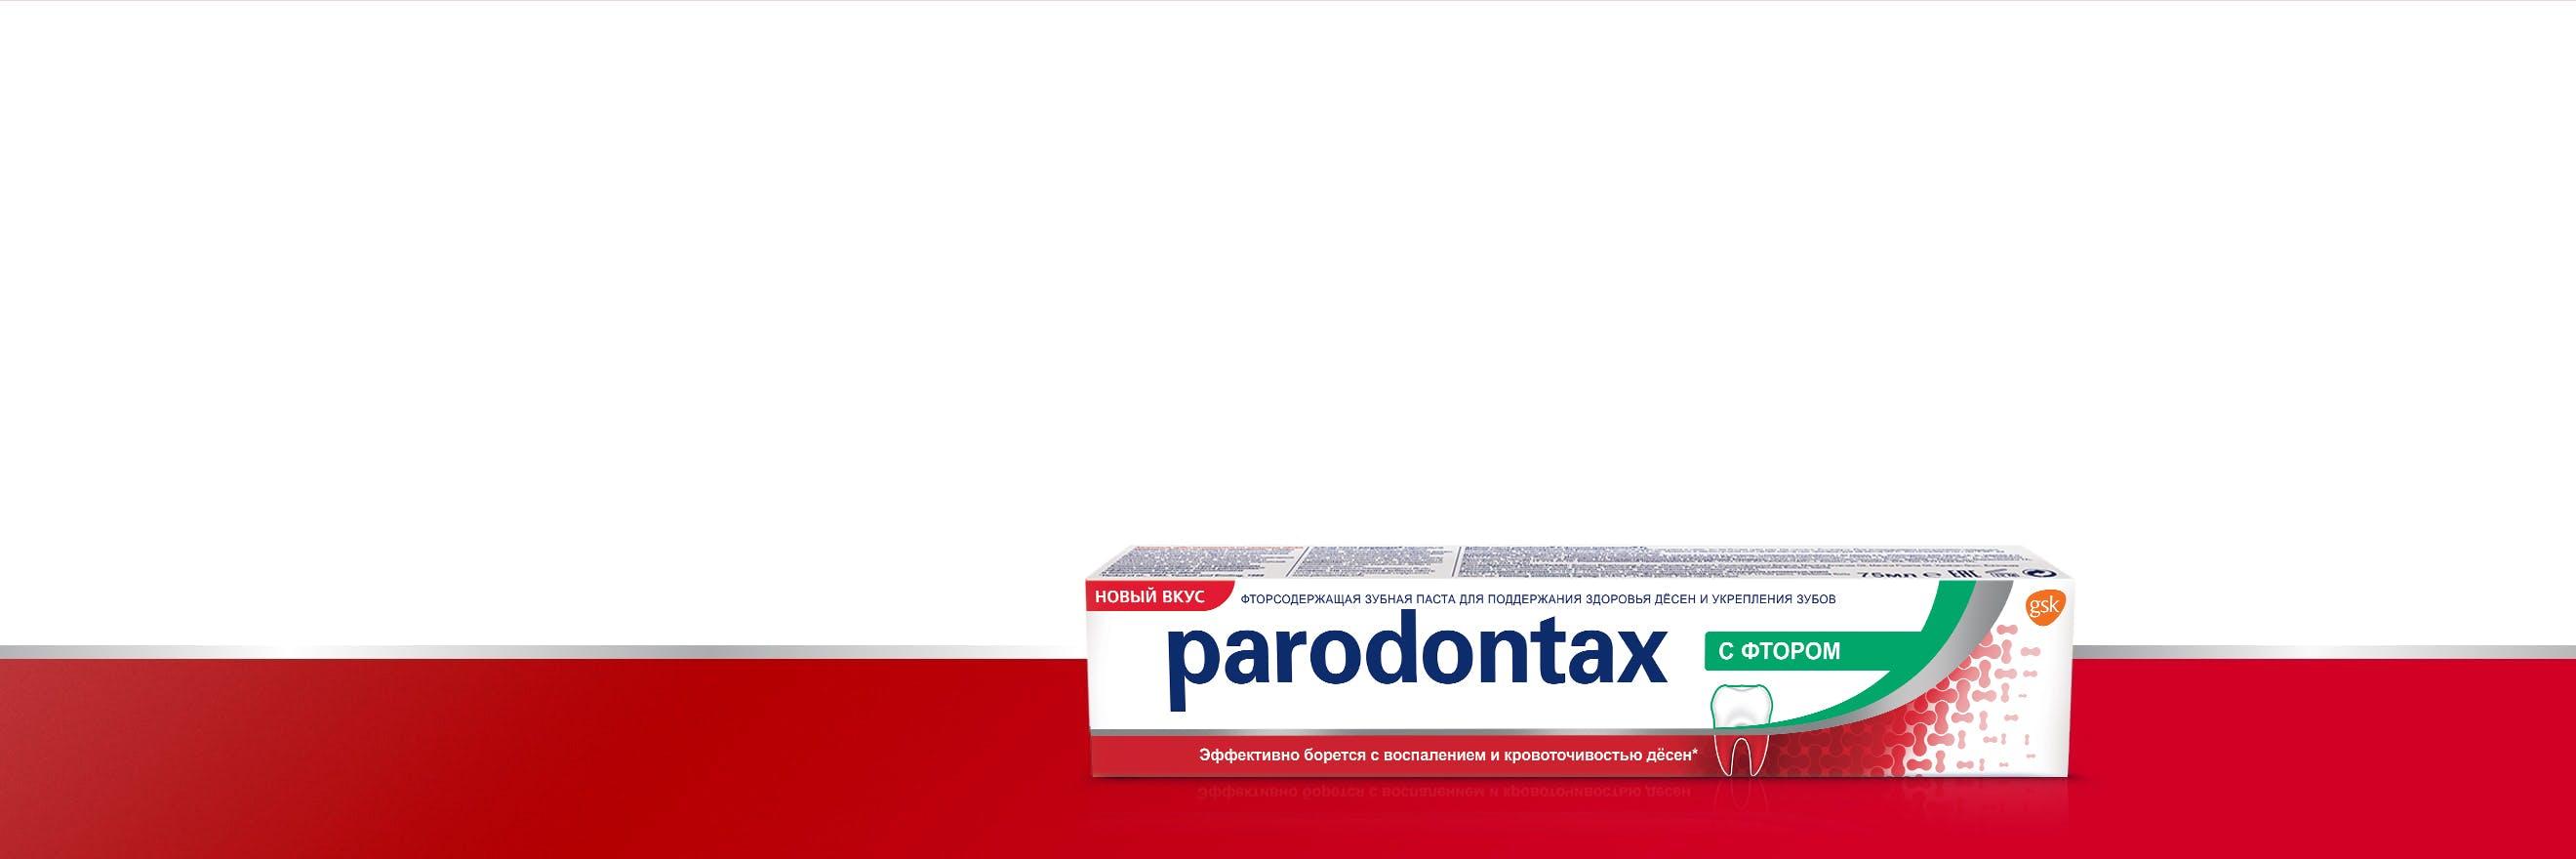 Зубная паста parodontax и ополаскиватель для полости рта parodontax Extra 0.2% без спирта